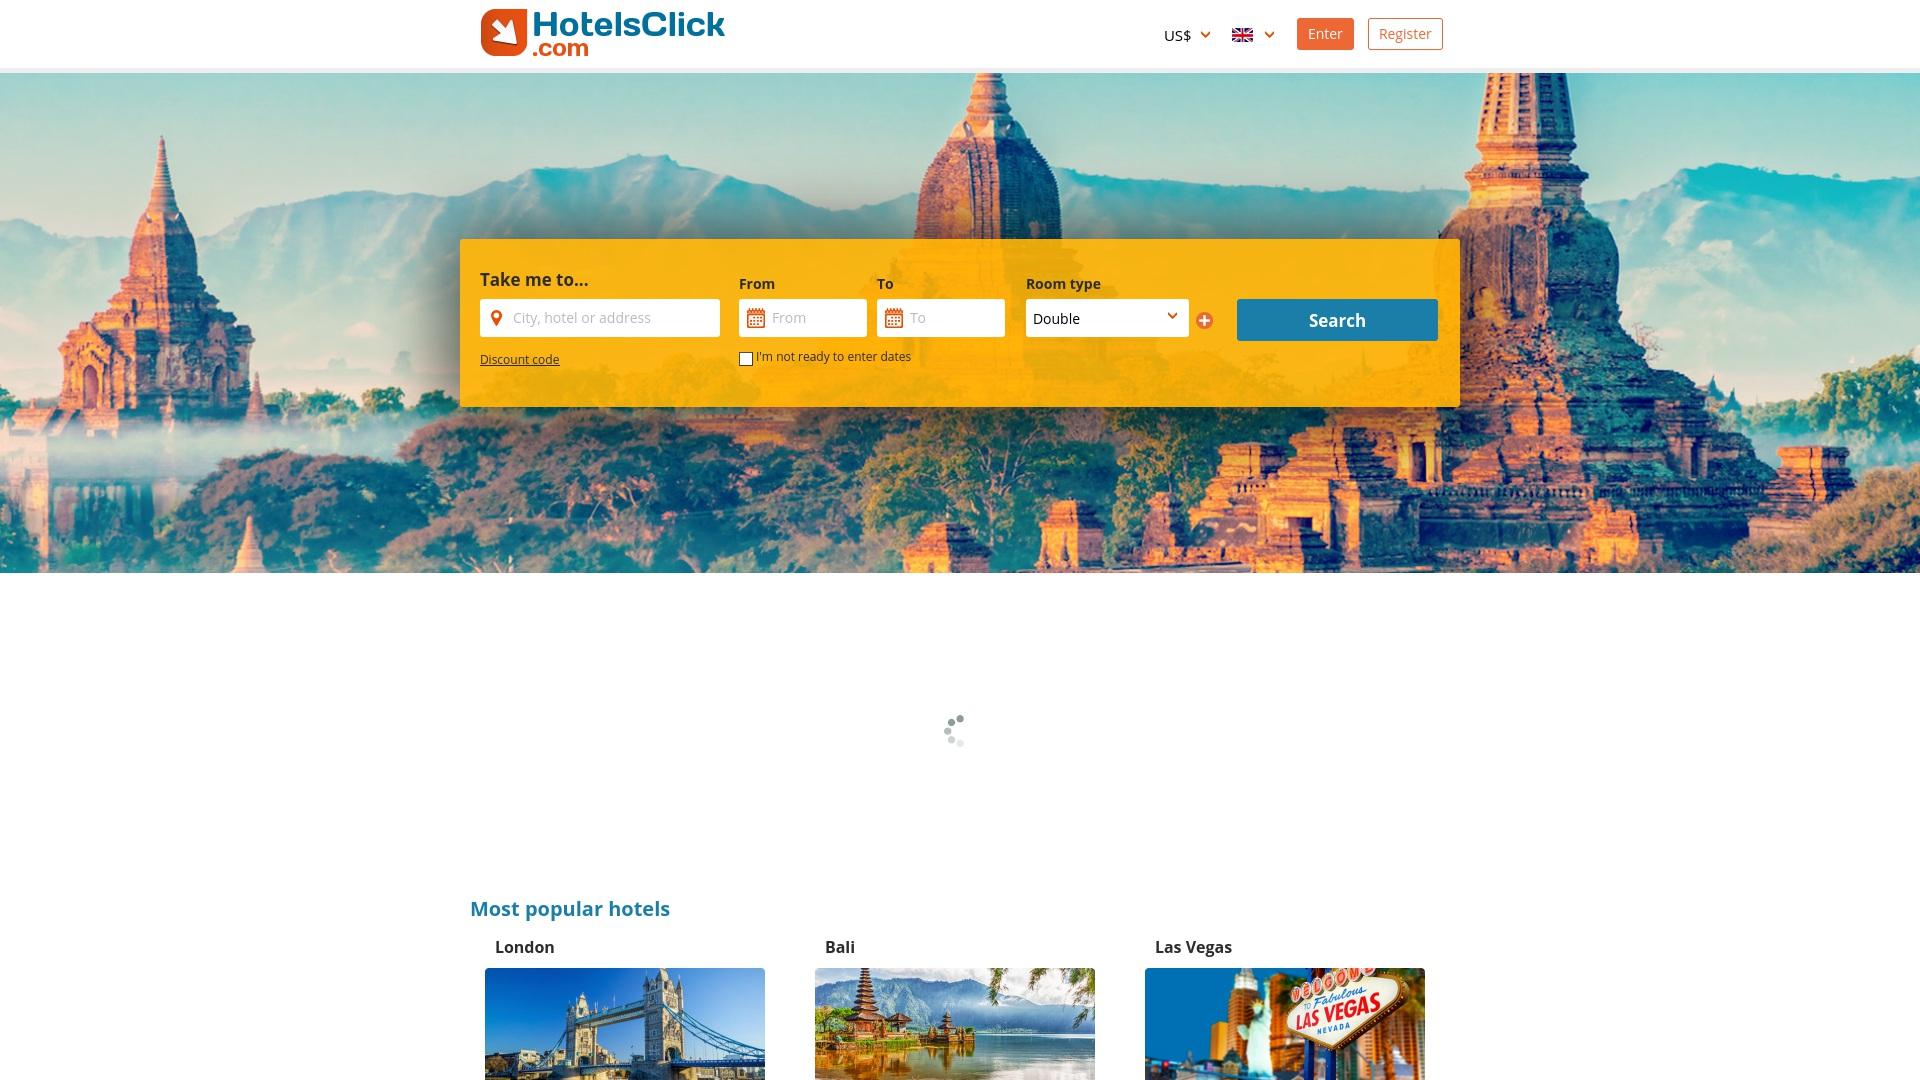 Gutschein für Hotelsclick: Rabatte für  Hotelsclick sichern